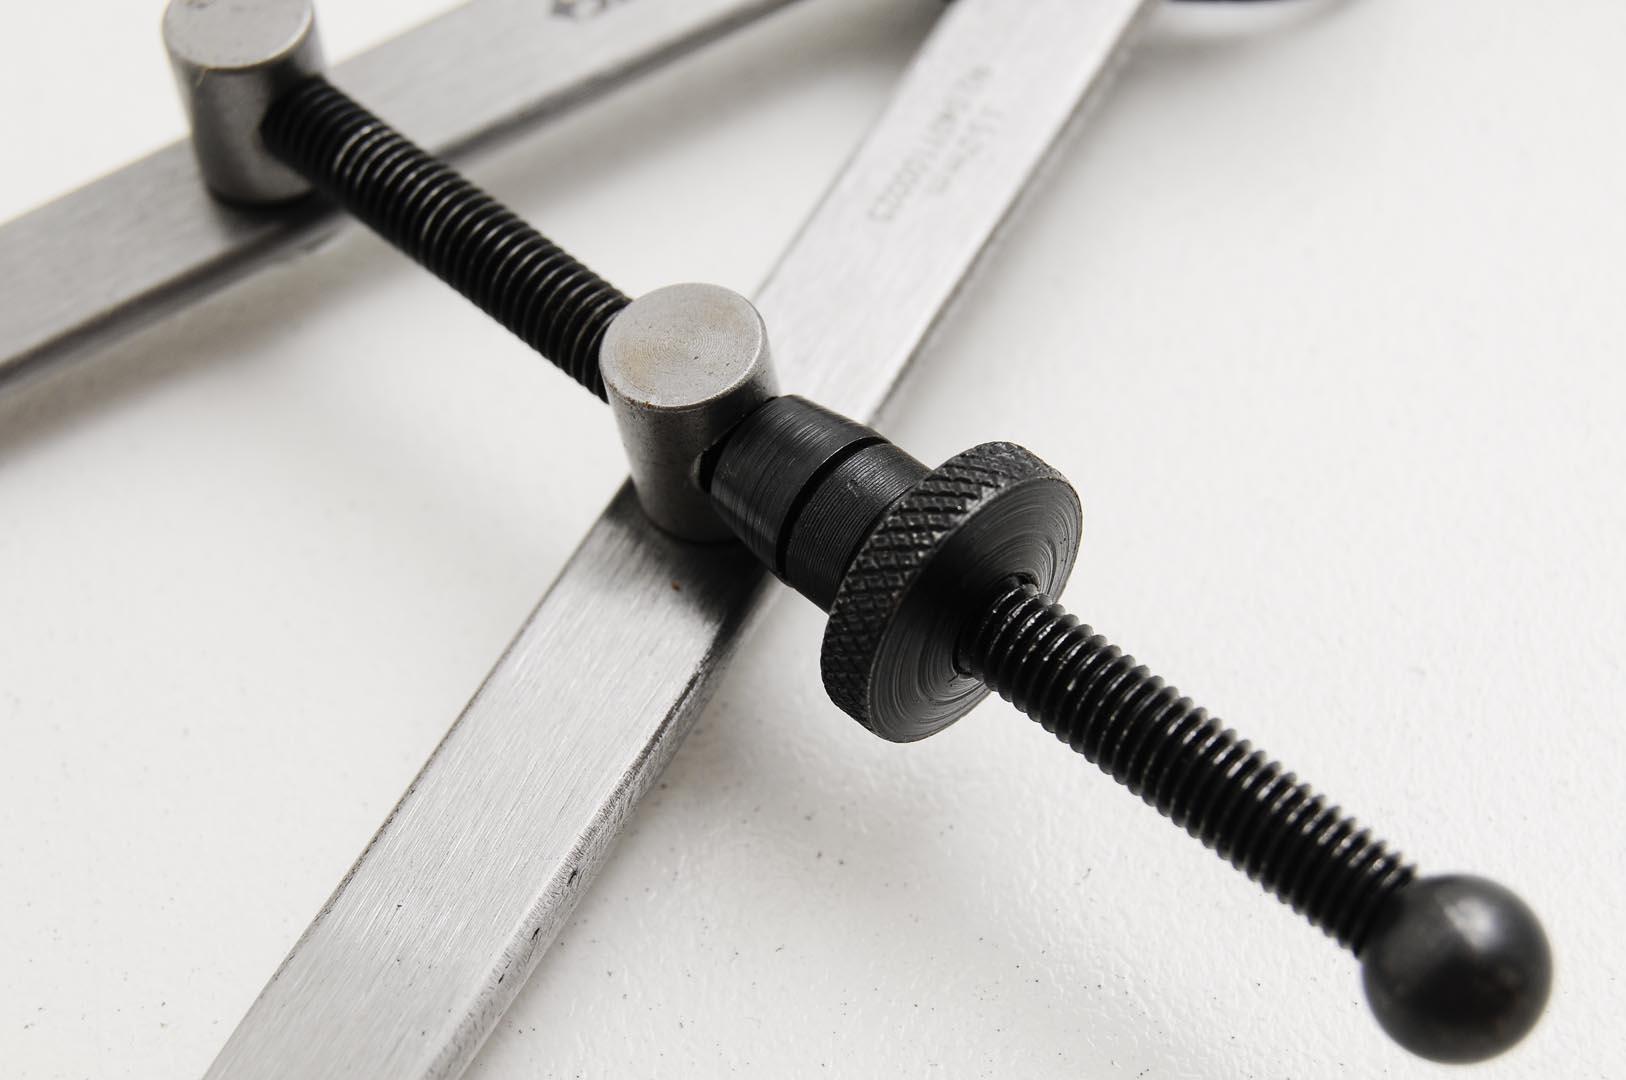 7260-150-Compas de puntas divisor con resorte 150mm 7260-150-max-2.